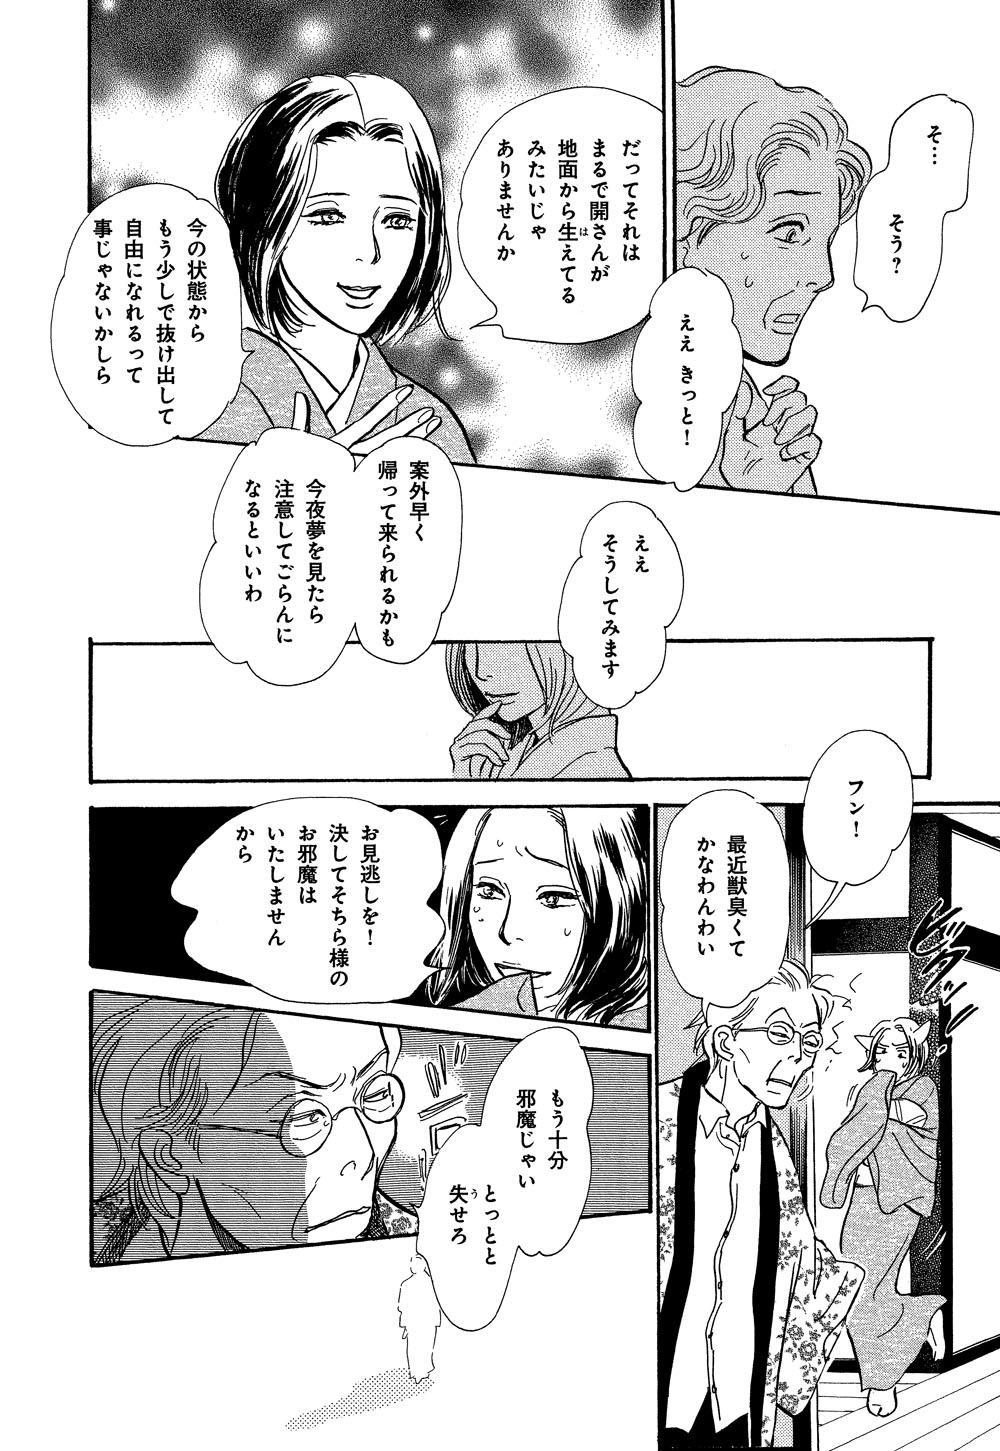 hyakki_0021_0018.jpg